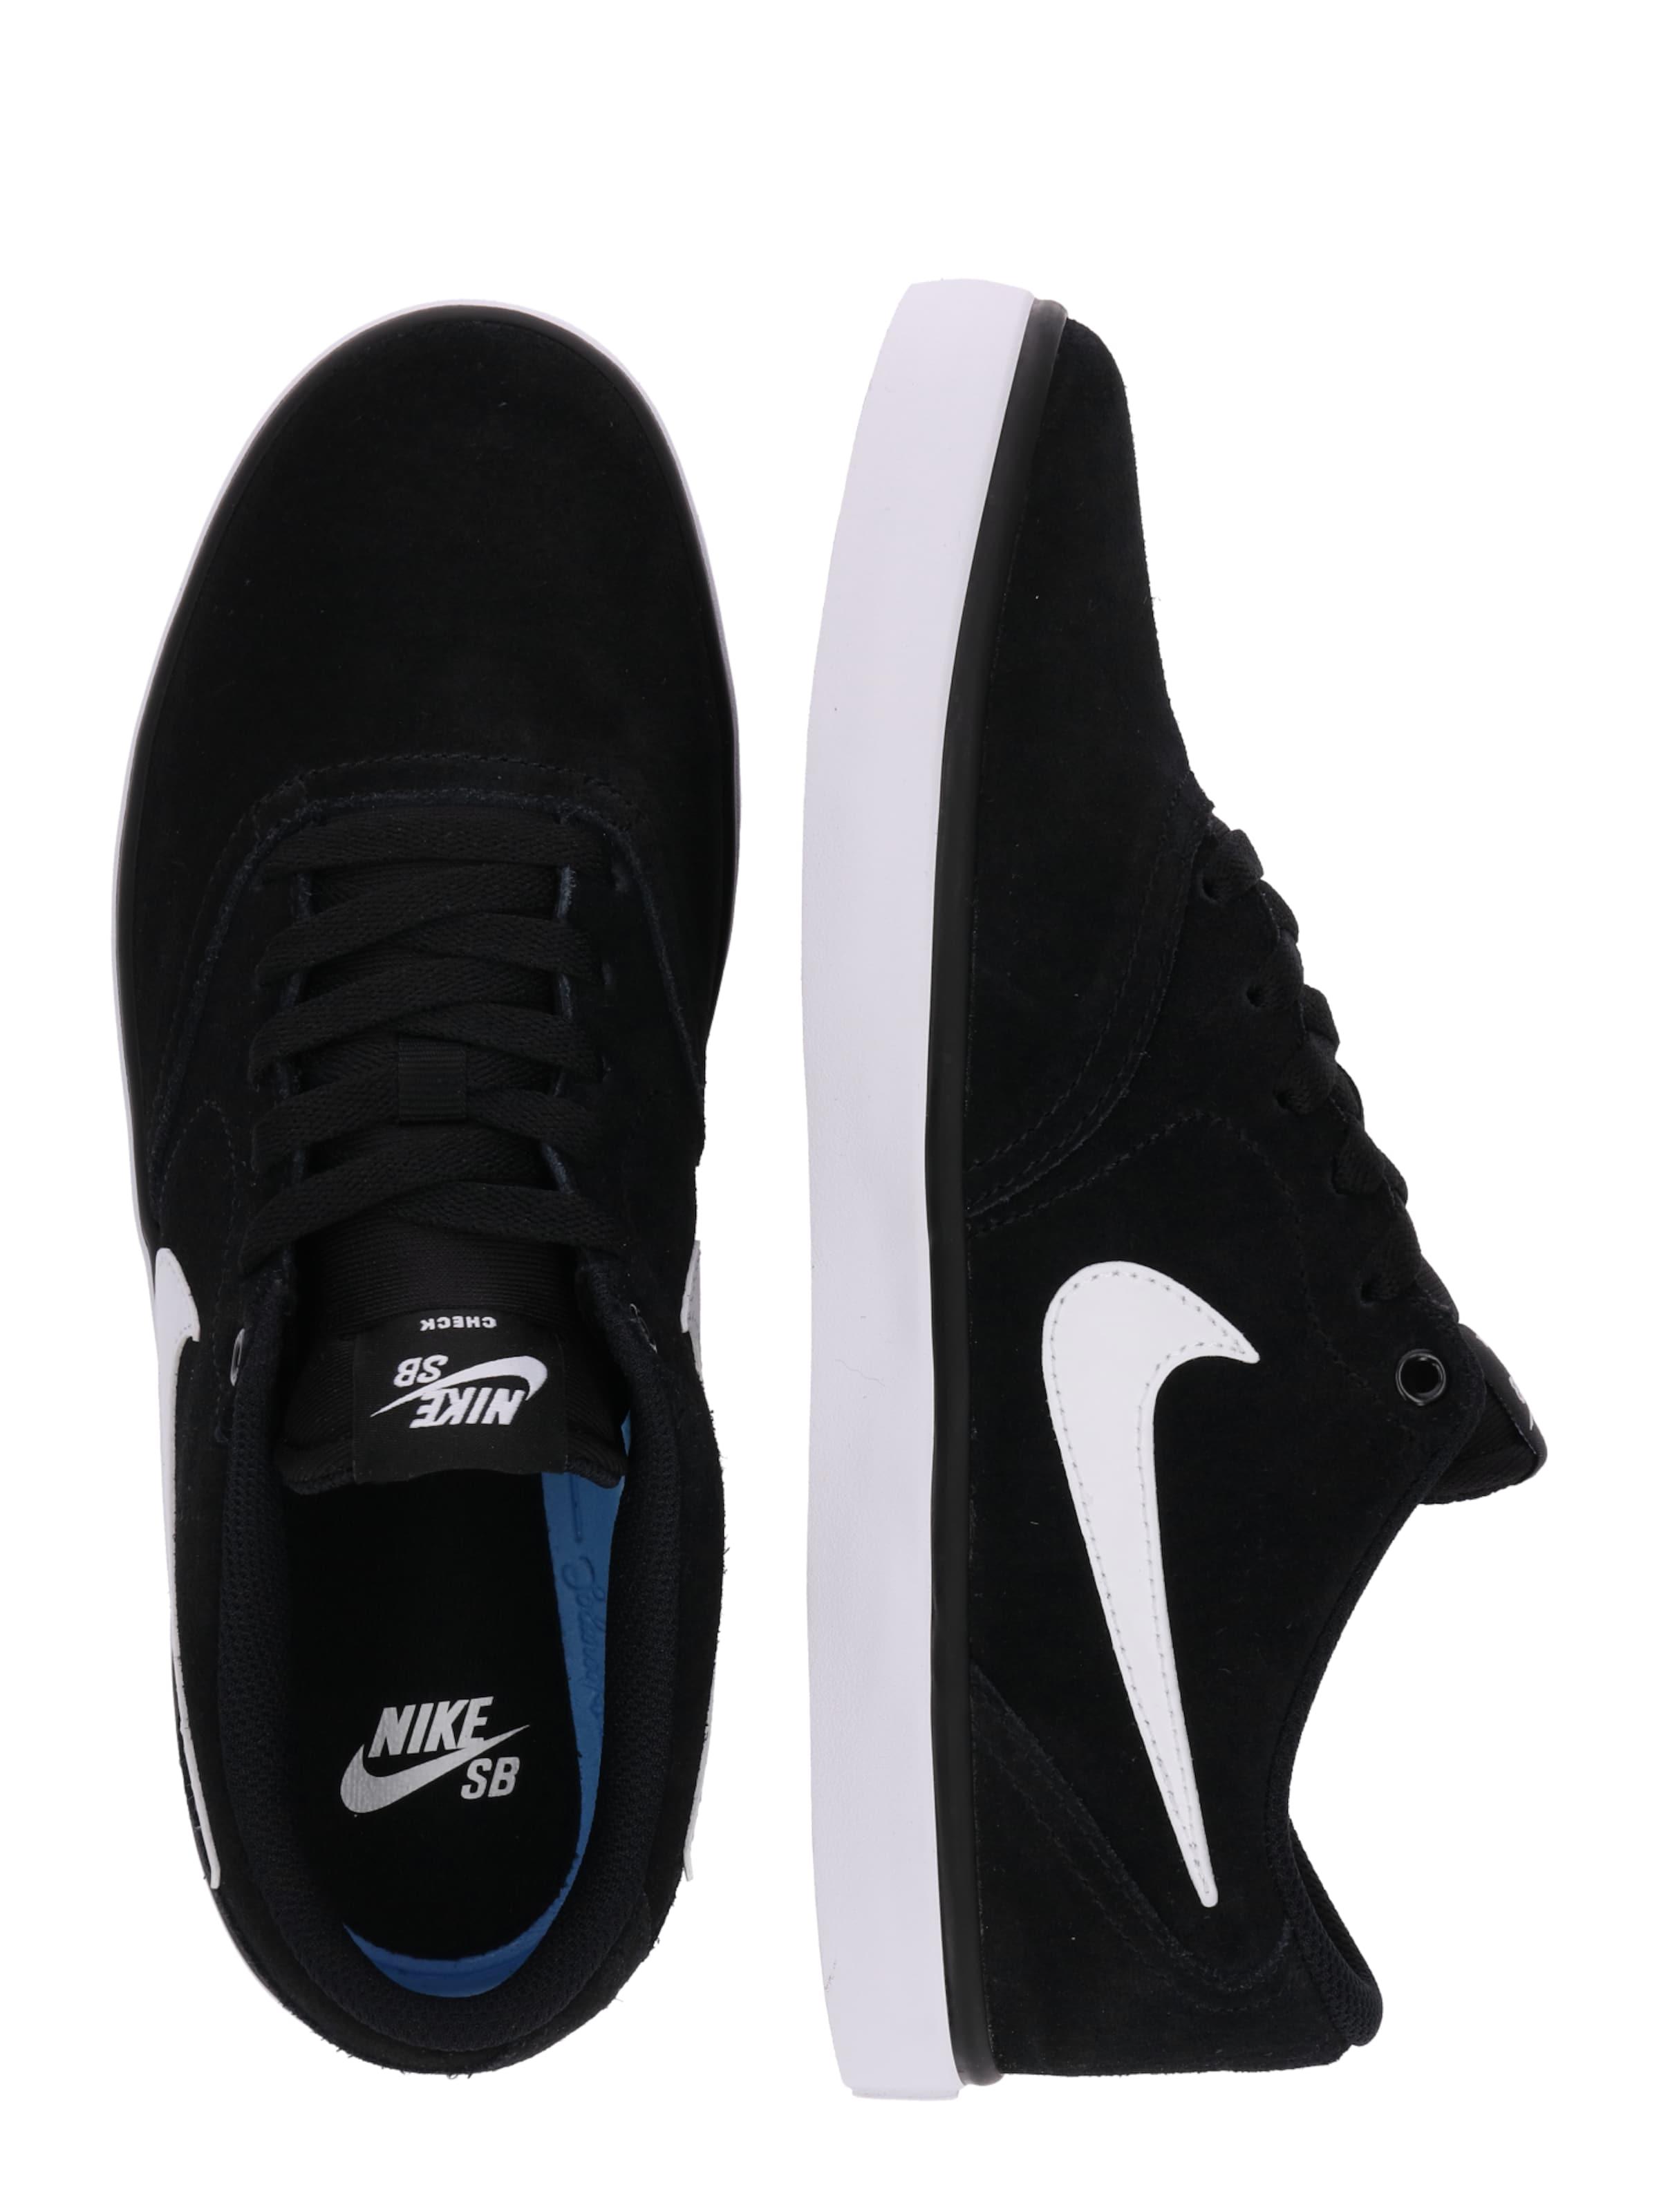 Solarsoft Skate' Check Noir Basses En Nike Sb Baskets 'sb LUqSzMVpG